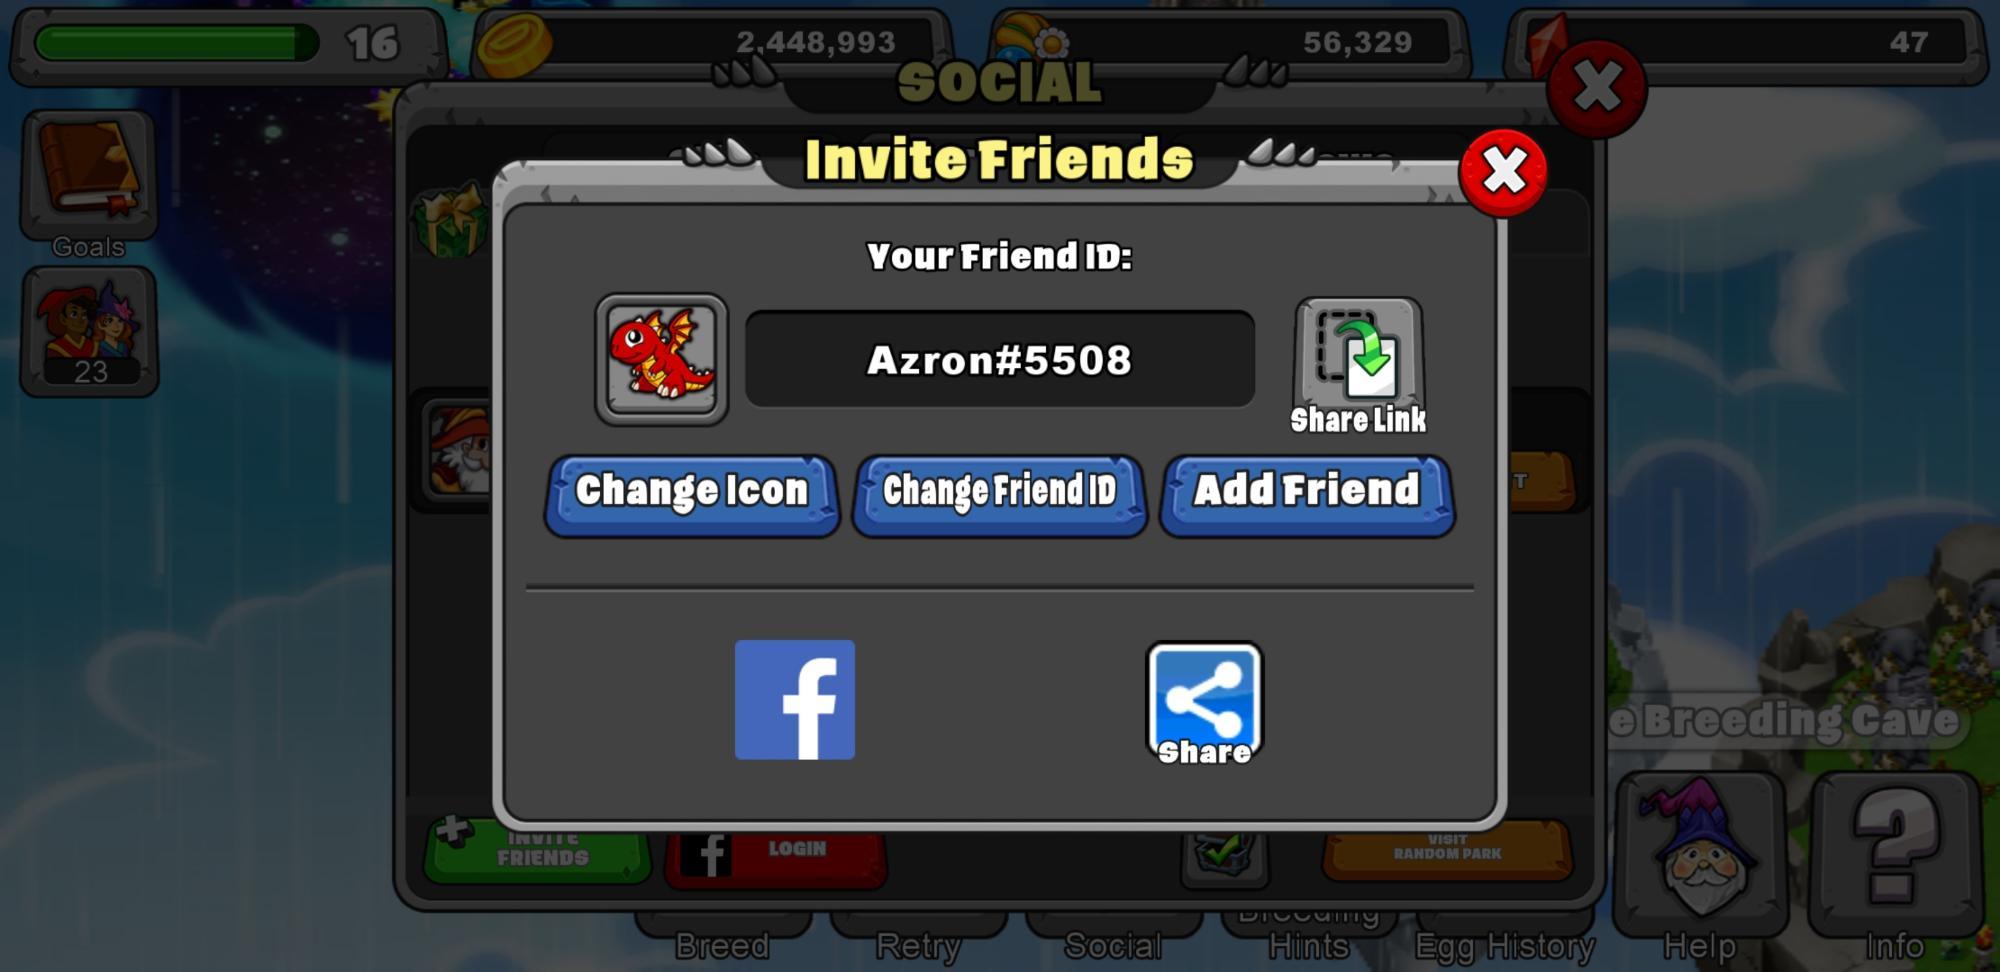 Hi all, feel free to add me and I'll add you back!